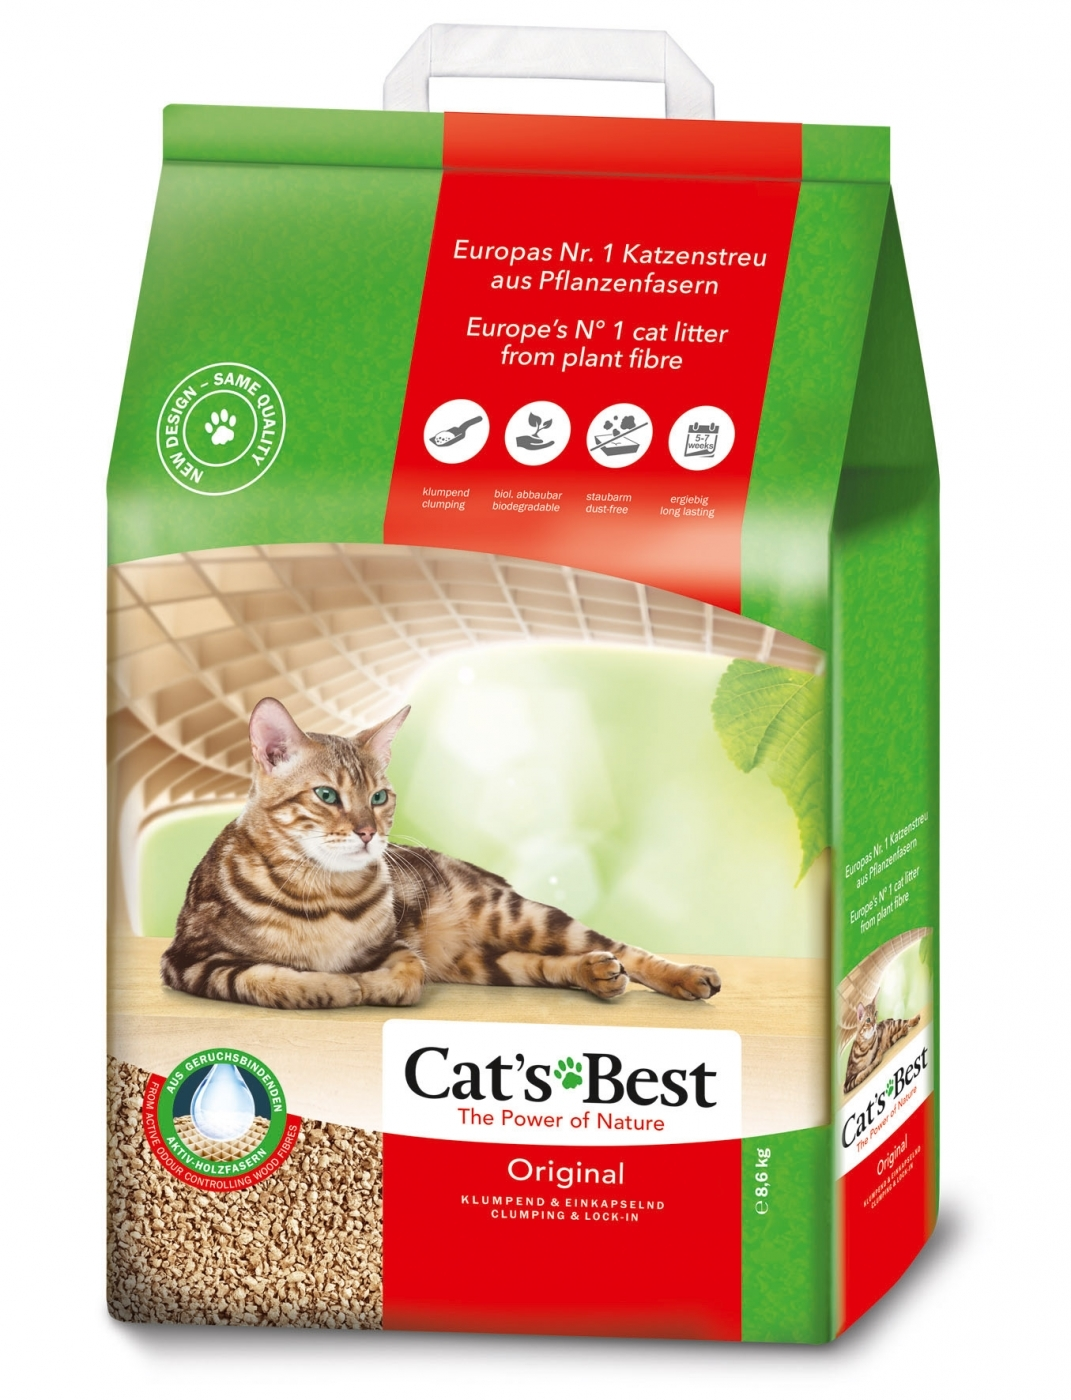 CAT'S BEST ORIGINAL (OKO PLUS) 10 L.4,3 kg